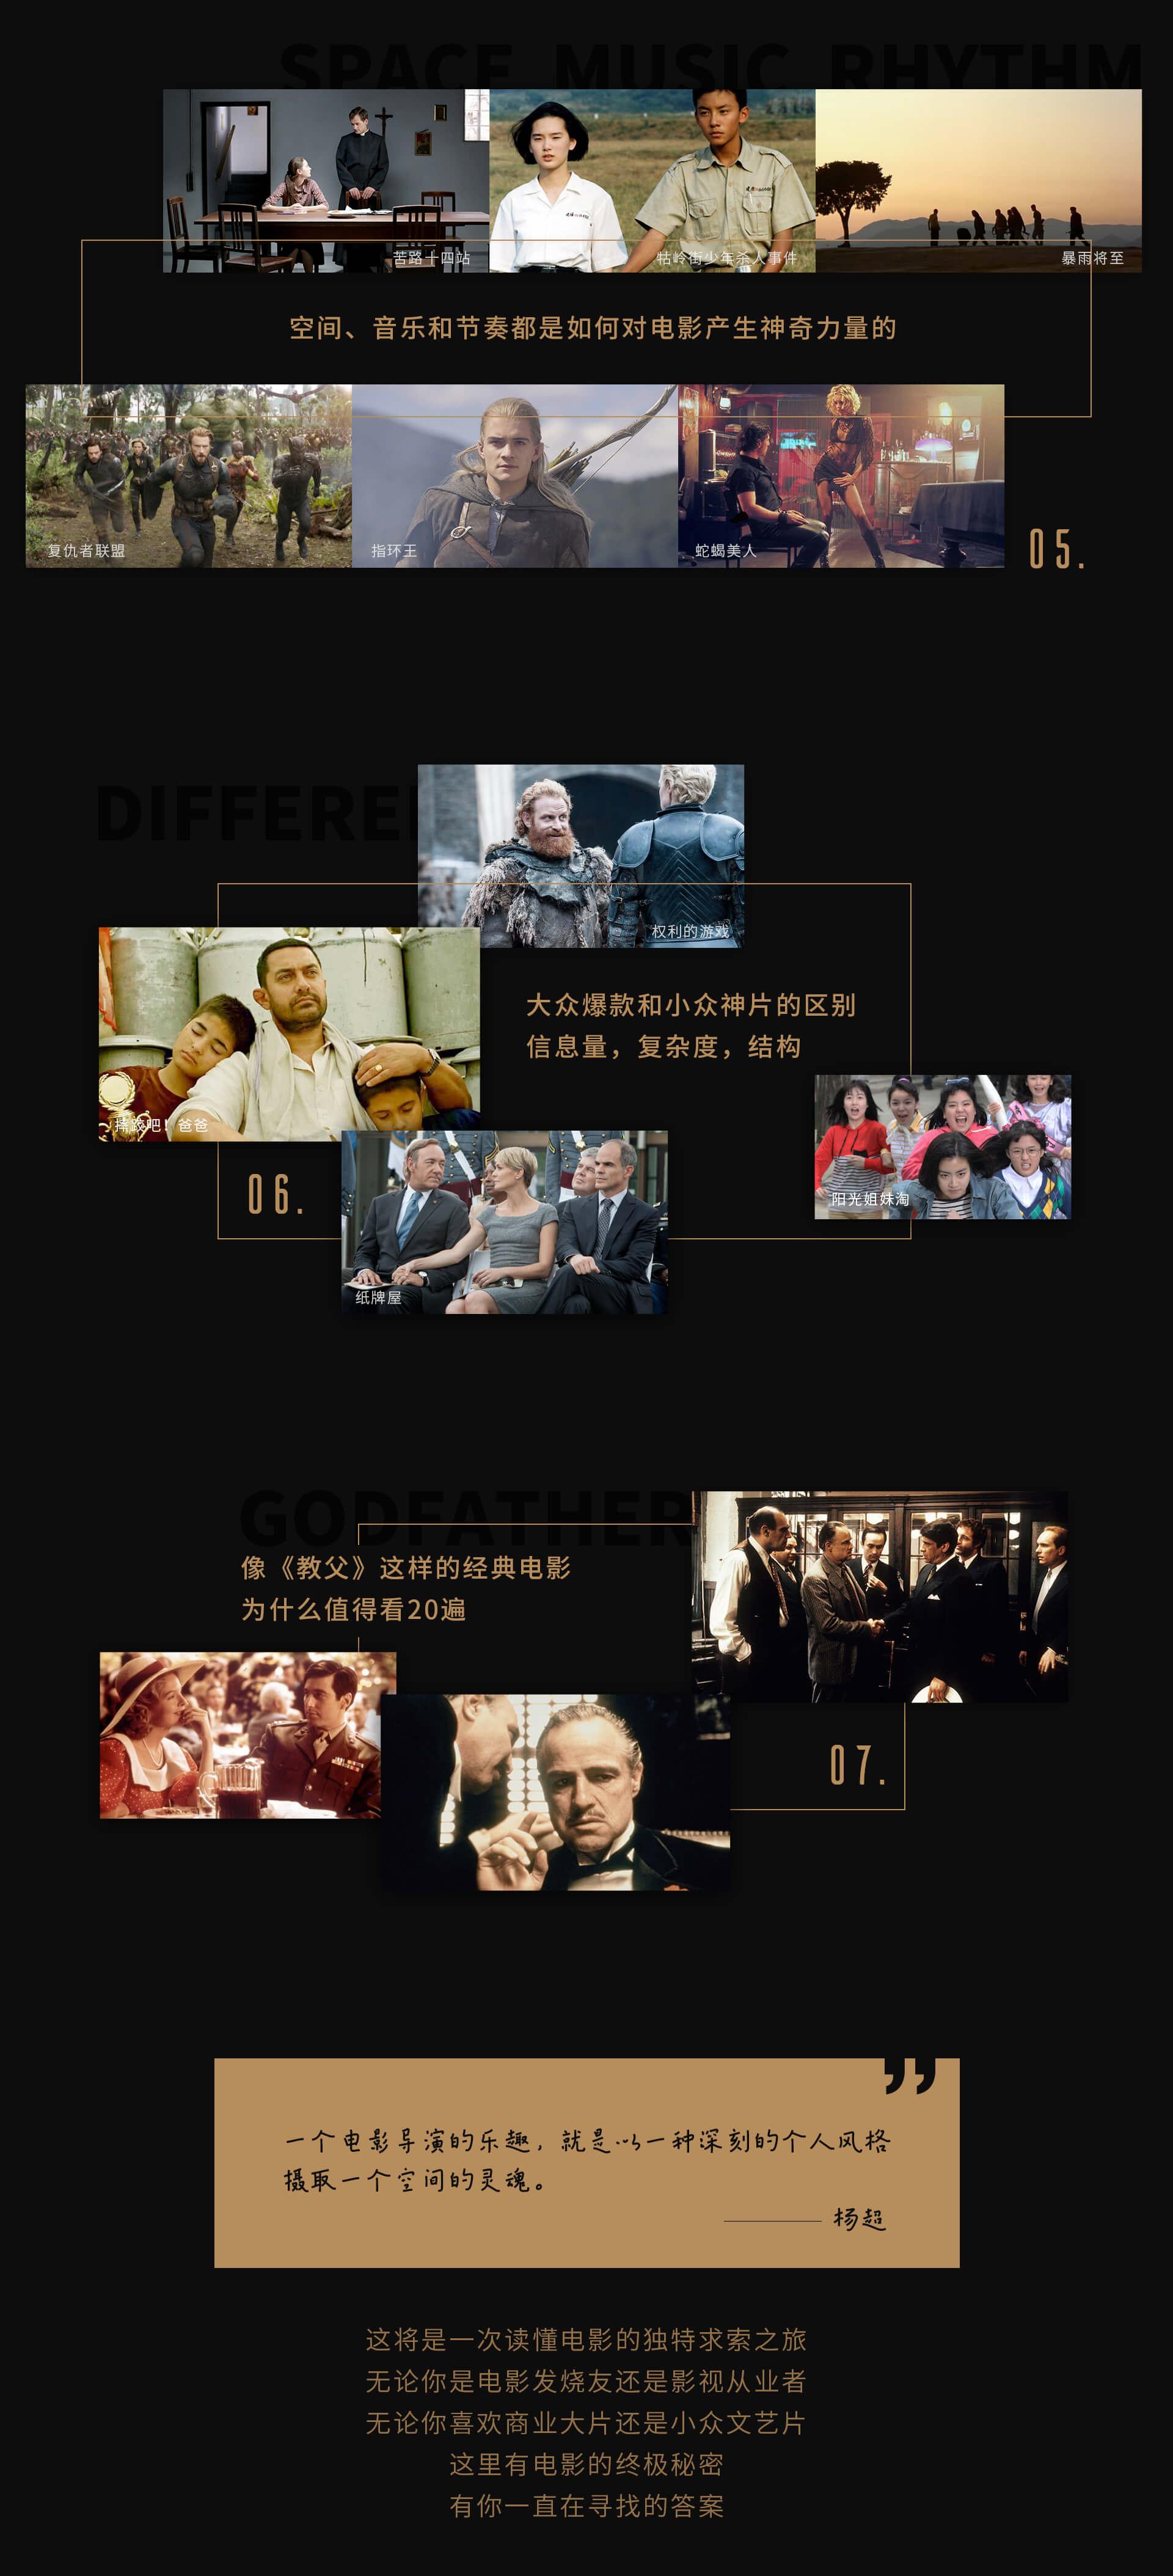 《【电影教材】杨超教你用导演思维看电影,十大专题破解电影密码》